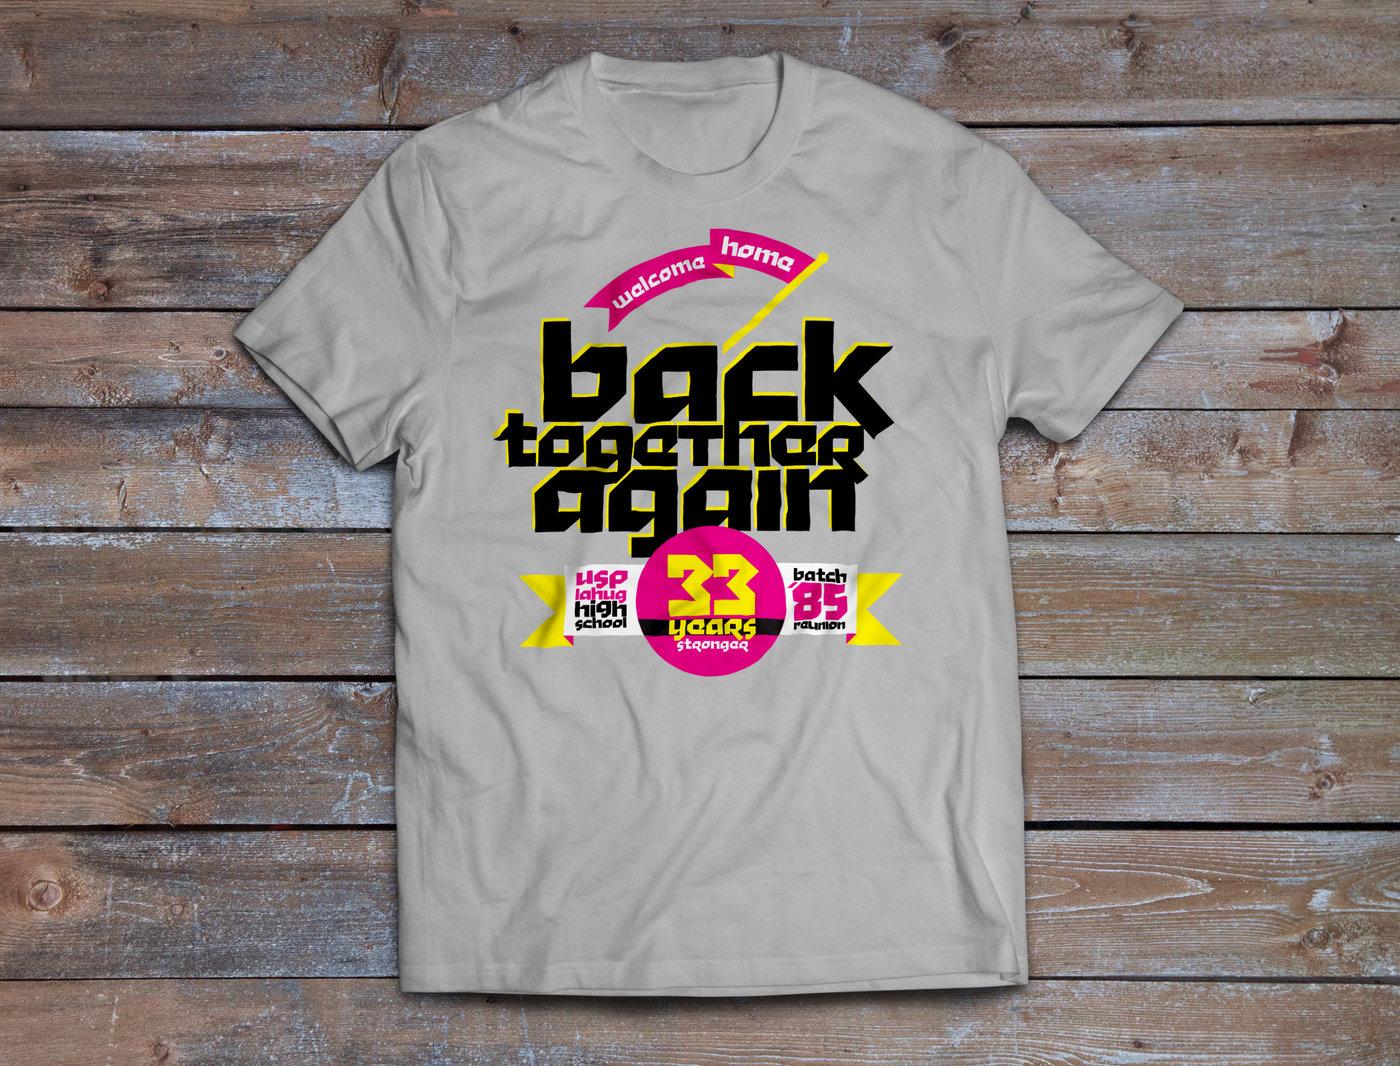 c17fd0e9 High School Class T Shirt Designs - DREAMWORKS